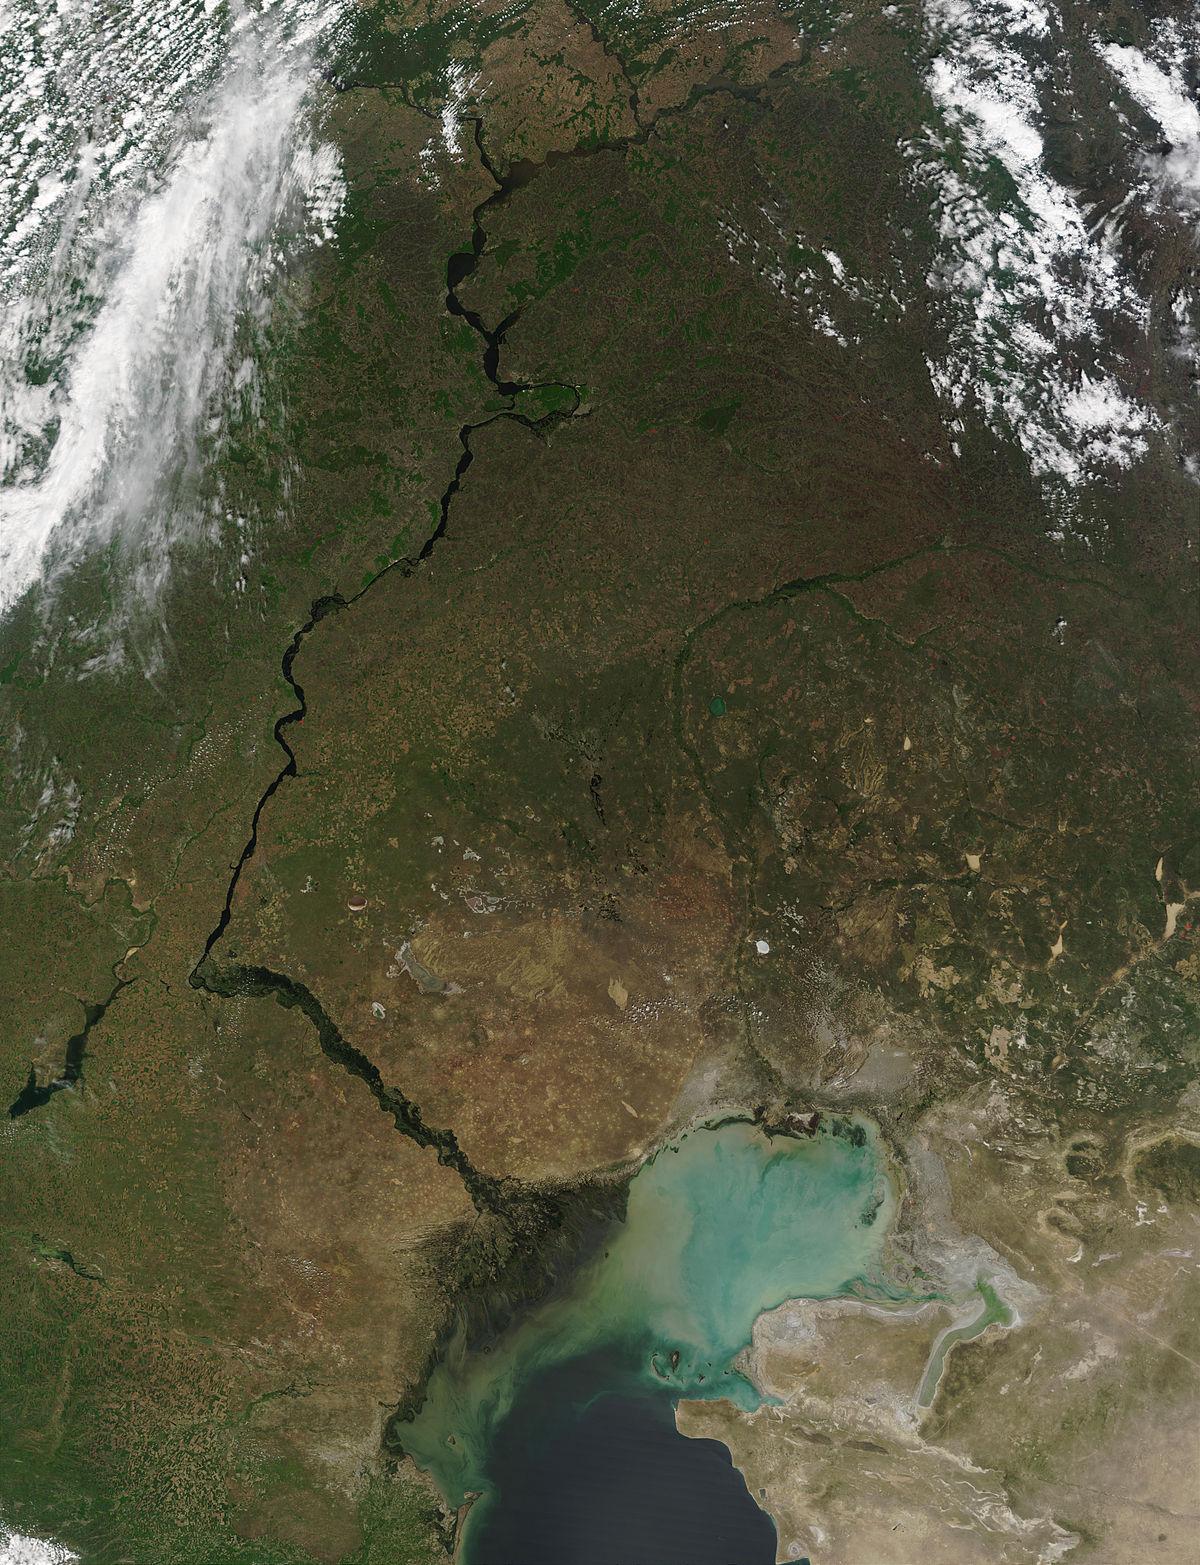 Volga prosztatagyulladás. Videomasszázs a prosztatagyulladás megelőzése